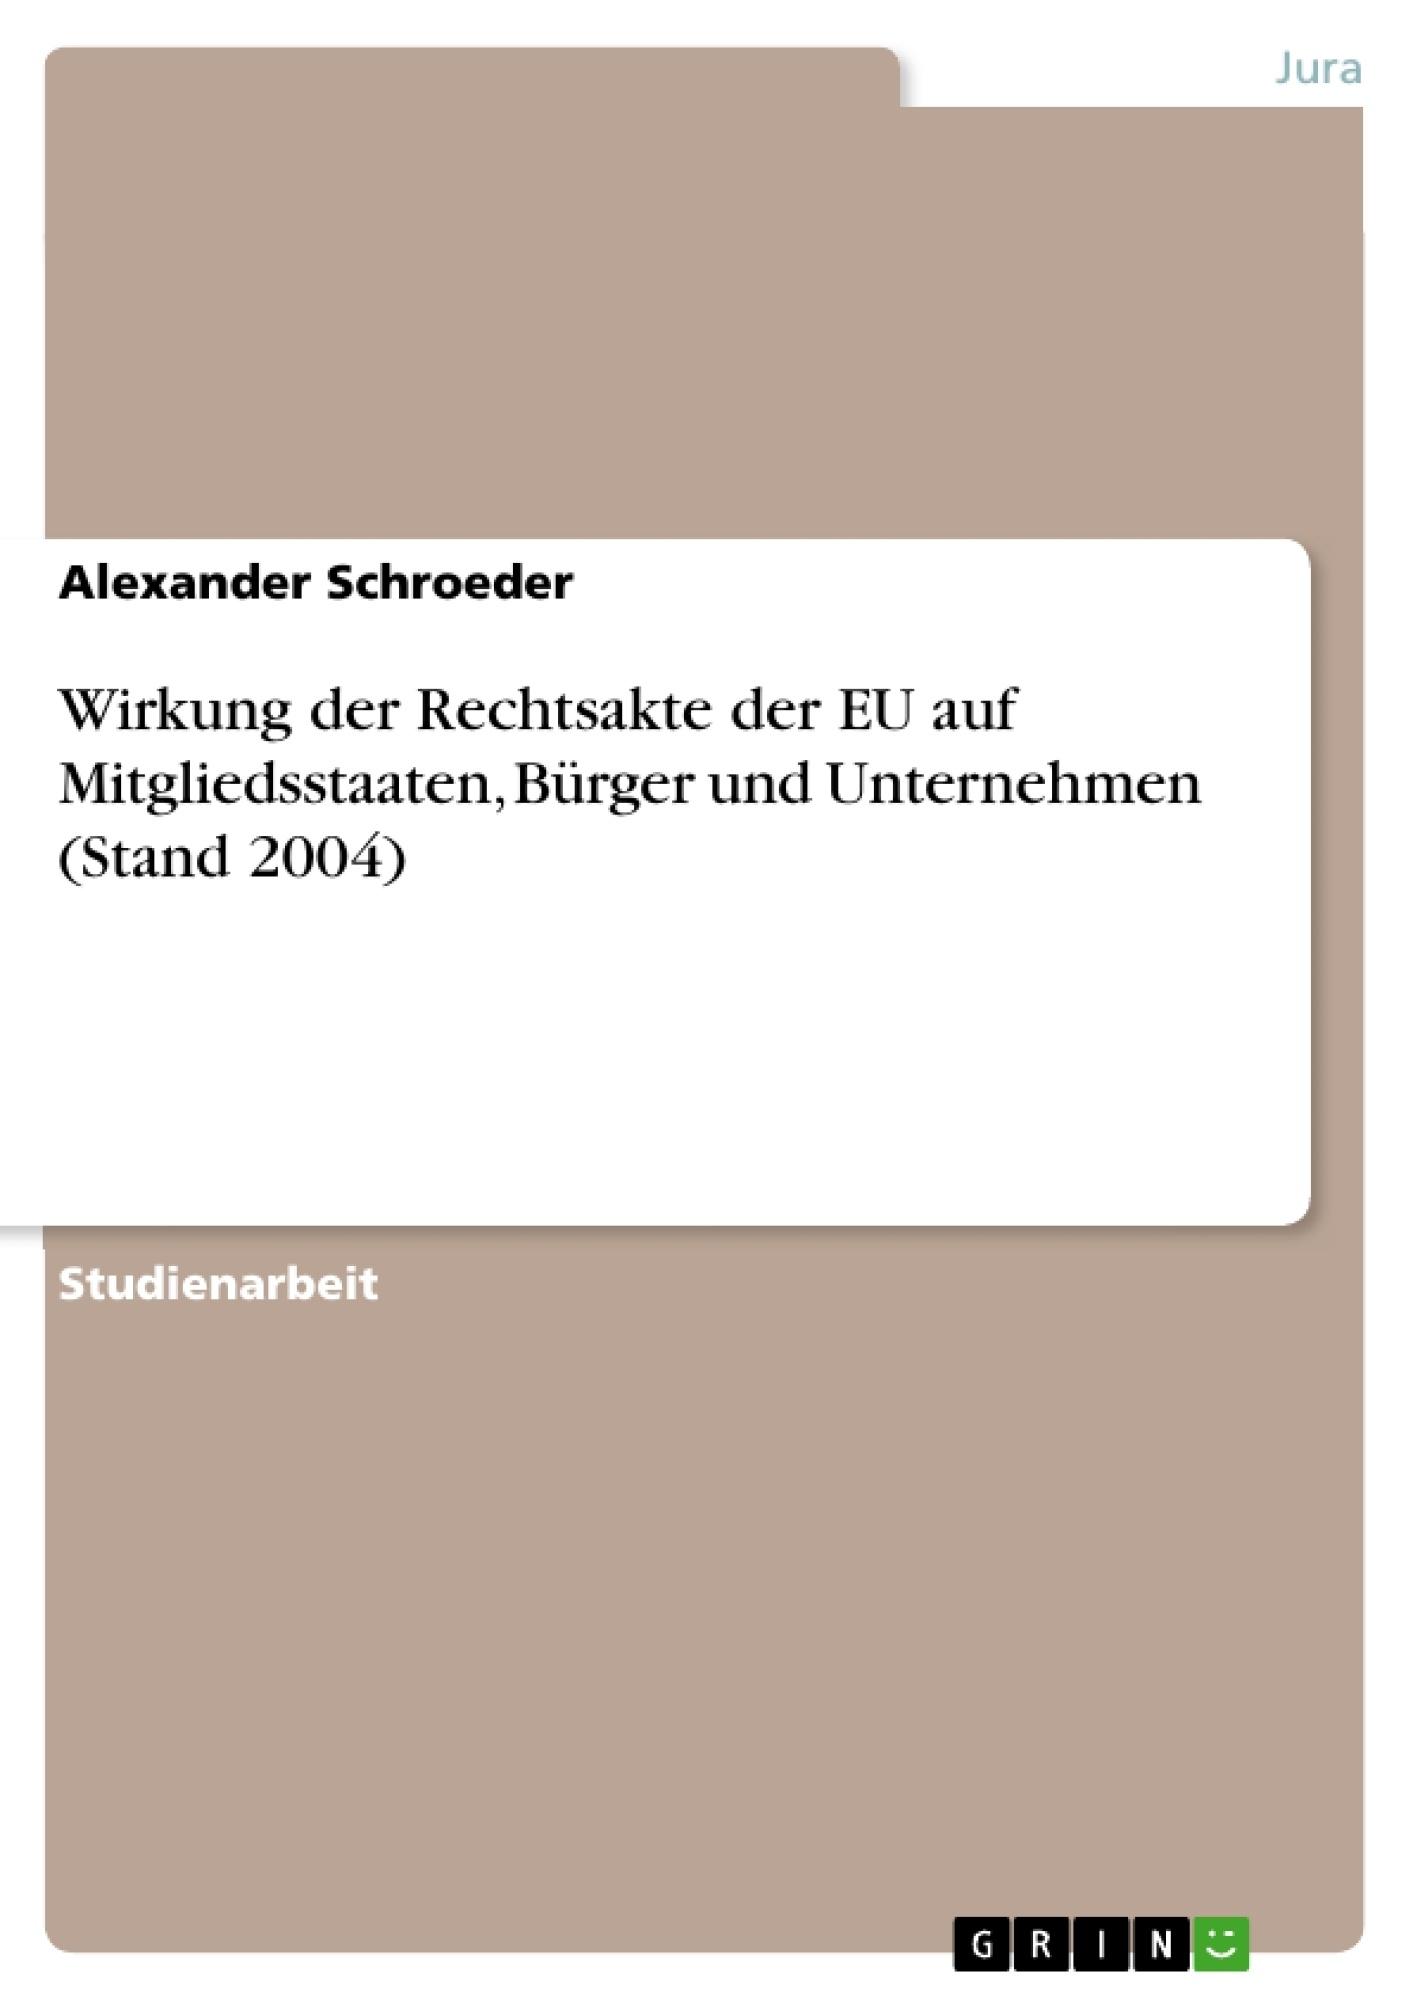 Titel: Wirkung der Rechtsakte der EU auf Mitgliedsstaaten, Bürger und Unternehmen (Stand 2004)